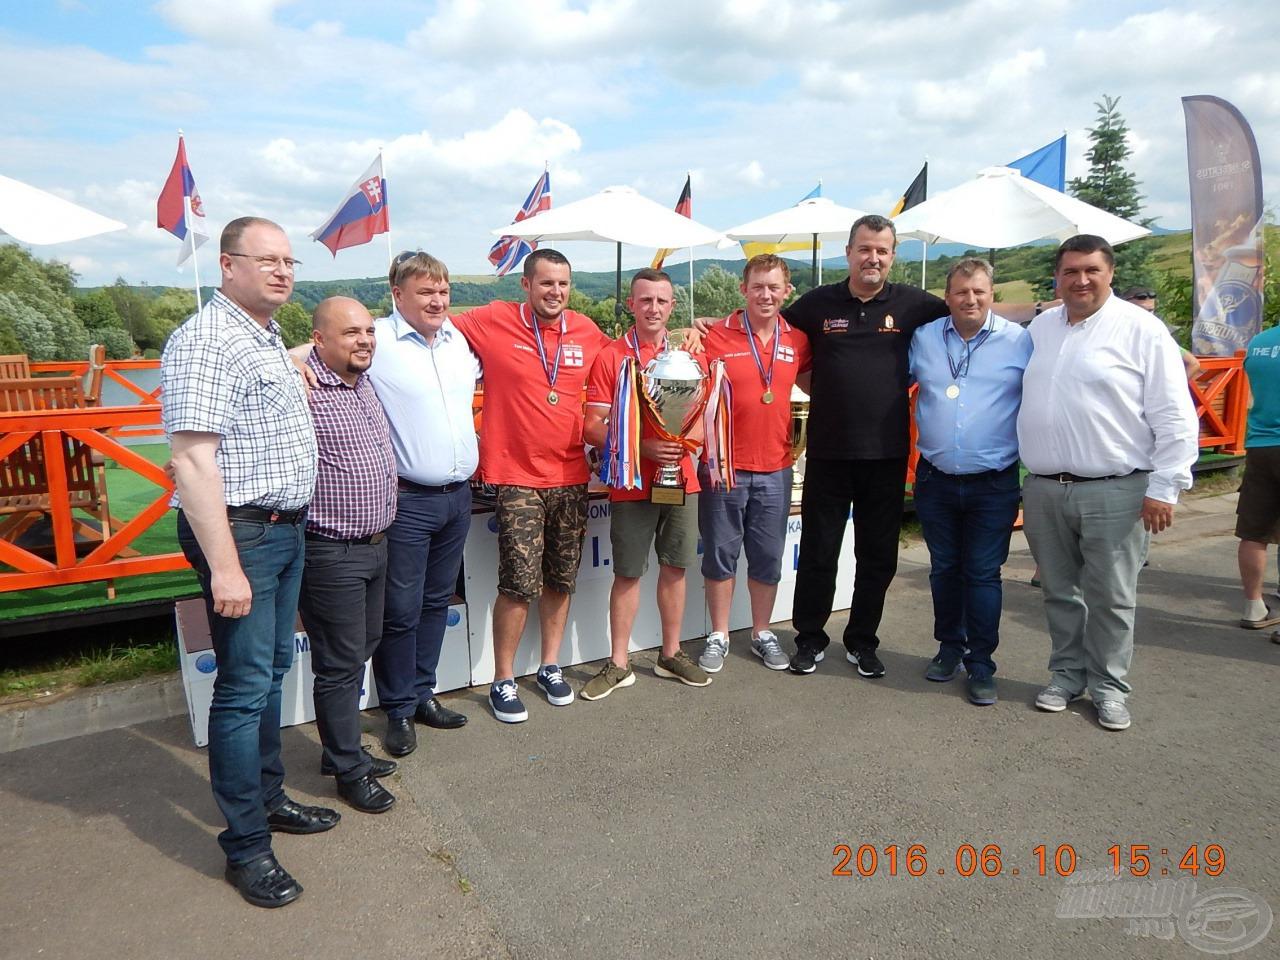 Együtt a győztesek és a vendégek